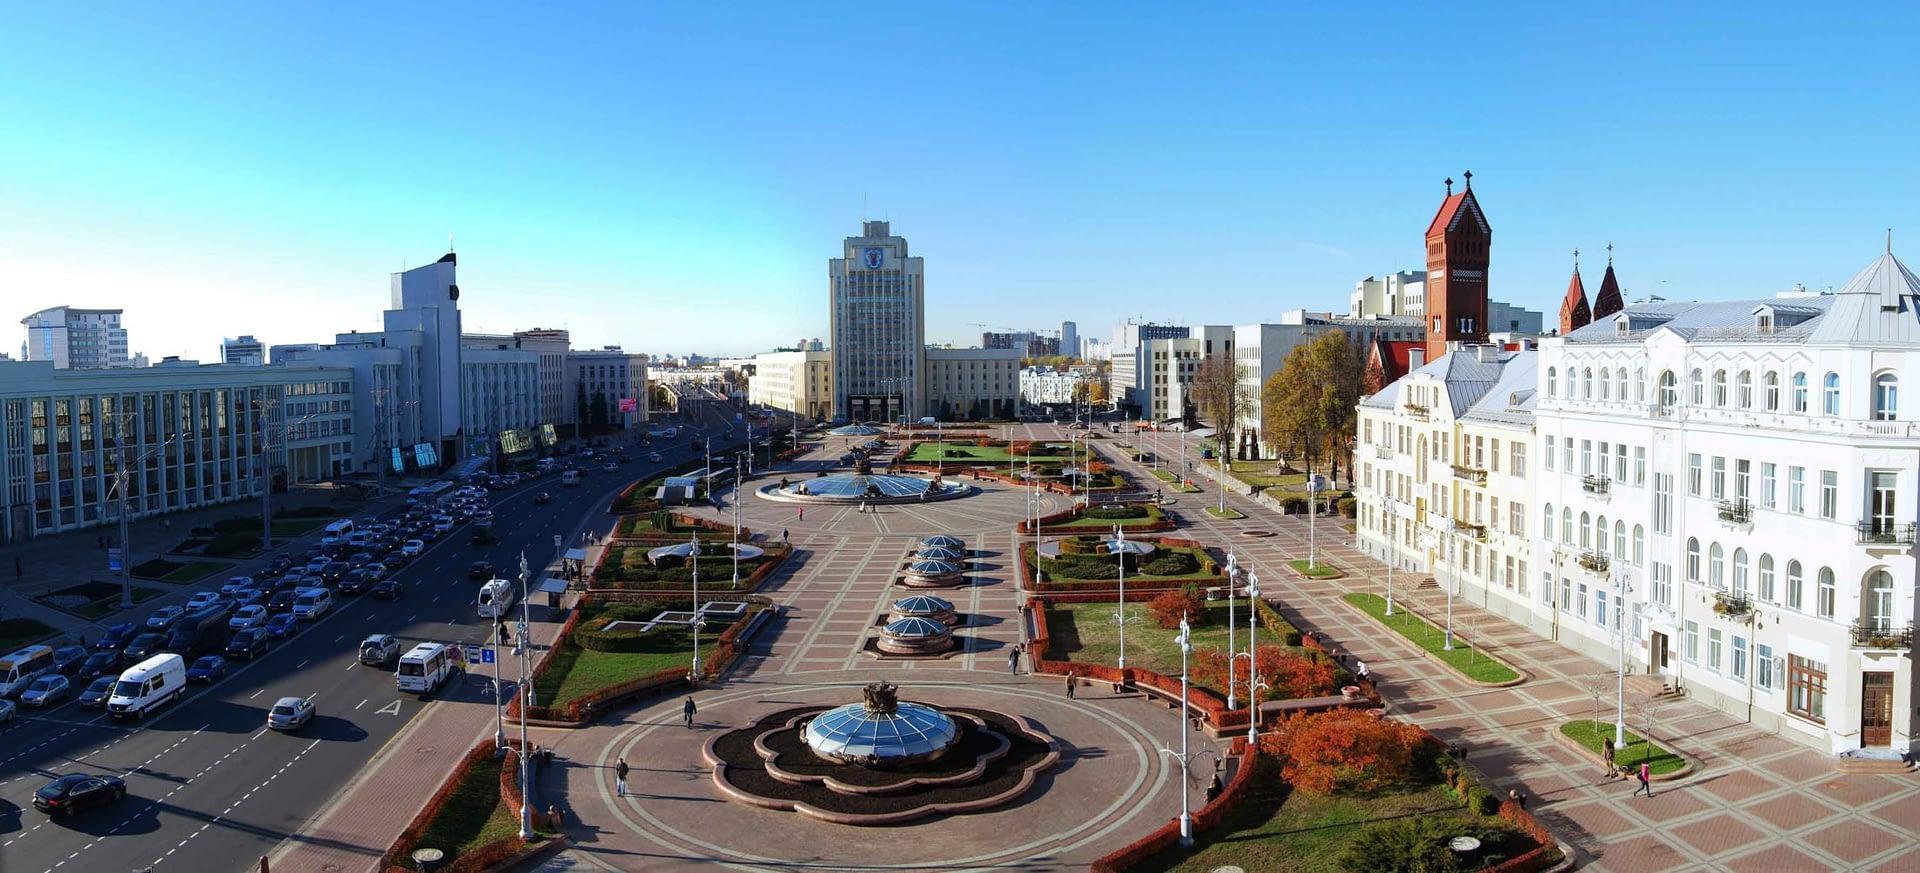 hotel-minsk-facade-3951